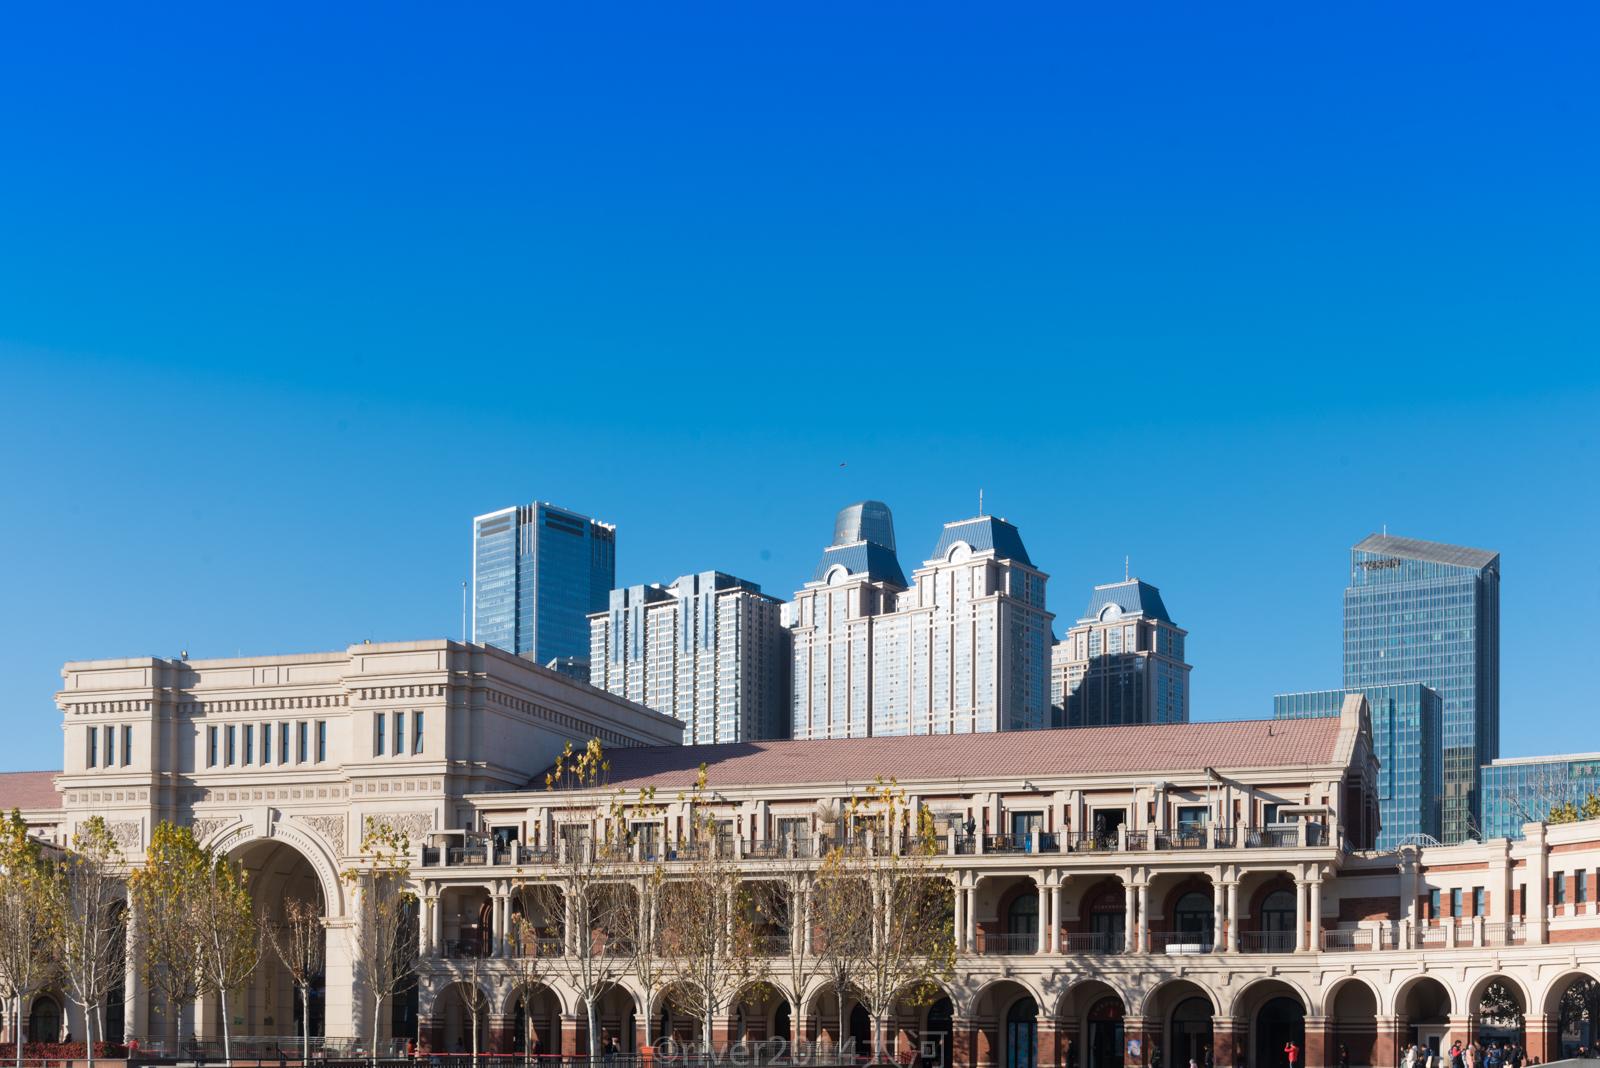 天津曾经的富人区,坐拥2000座洋楼,已有近百年历史